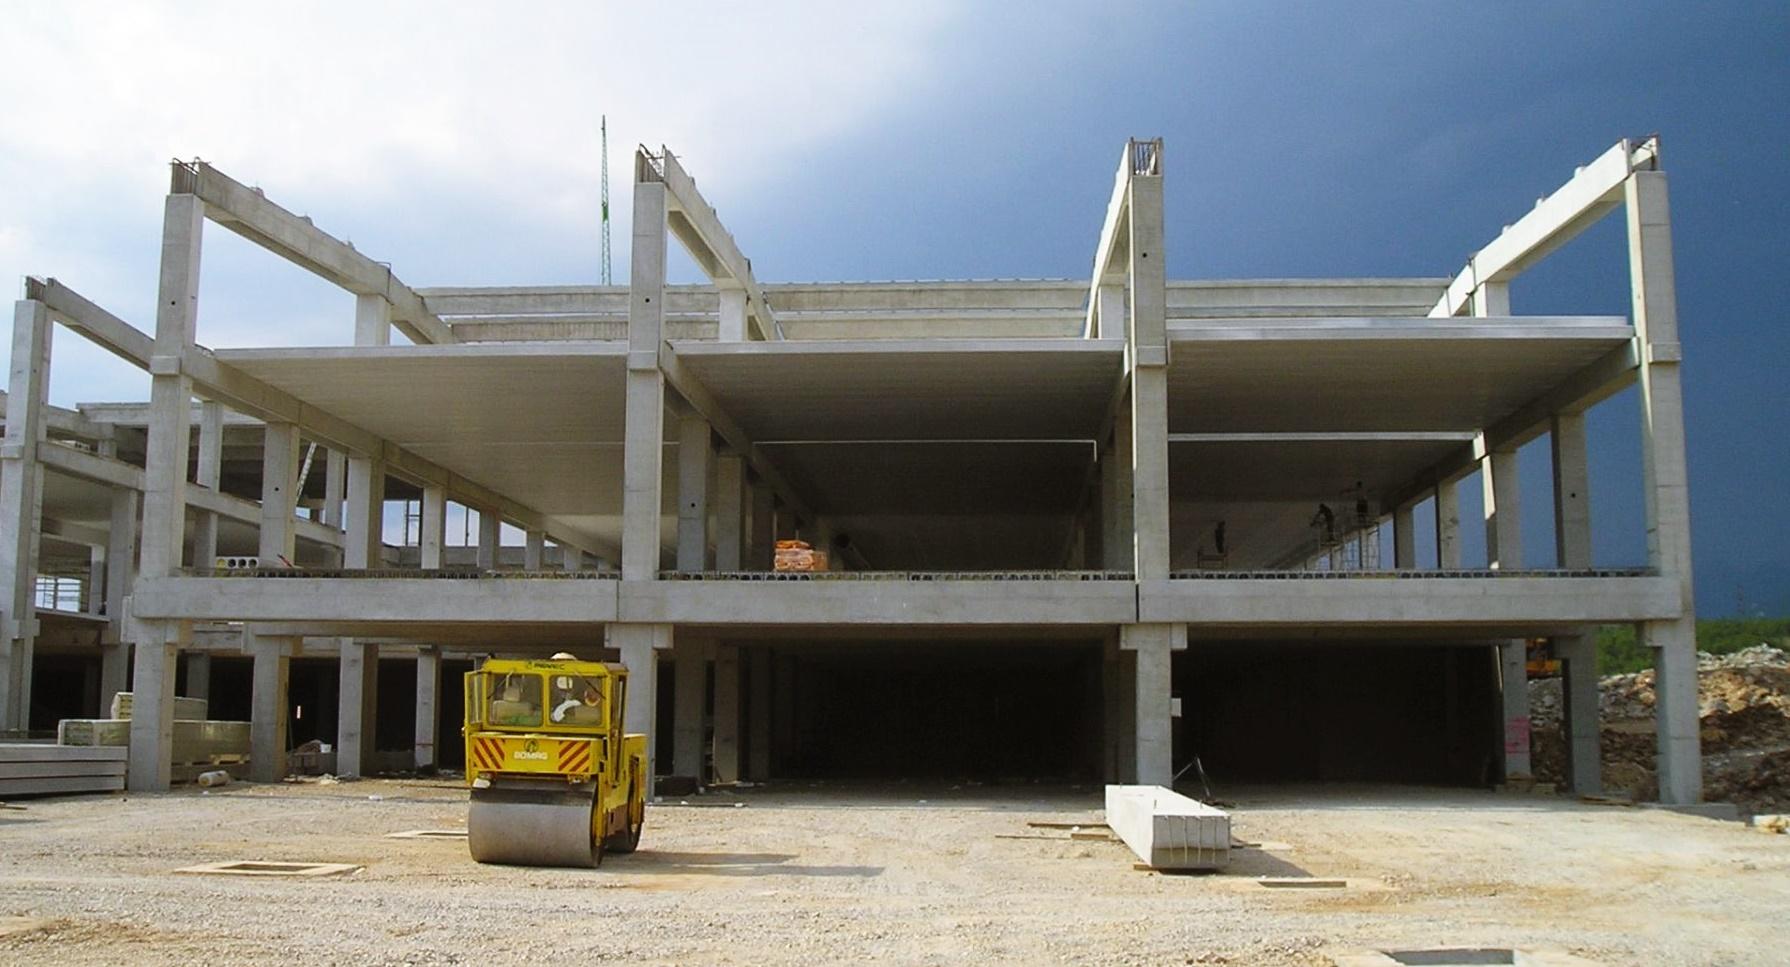 pevec, rijeka, pevec rijeka, pevec zagreb d.o.o., trgovački centar, centar, trgovina, konstrukcija, structure, retail, commercial center, concrete, beton, upi-2m, upi2m